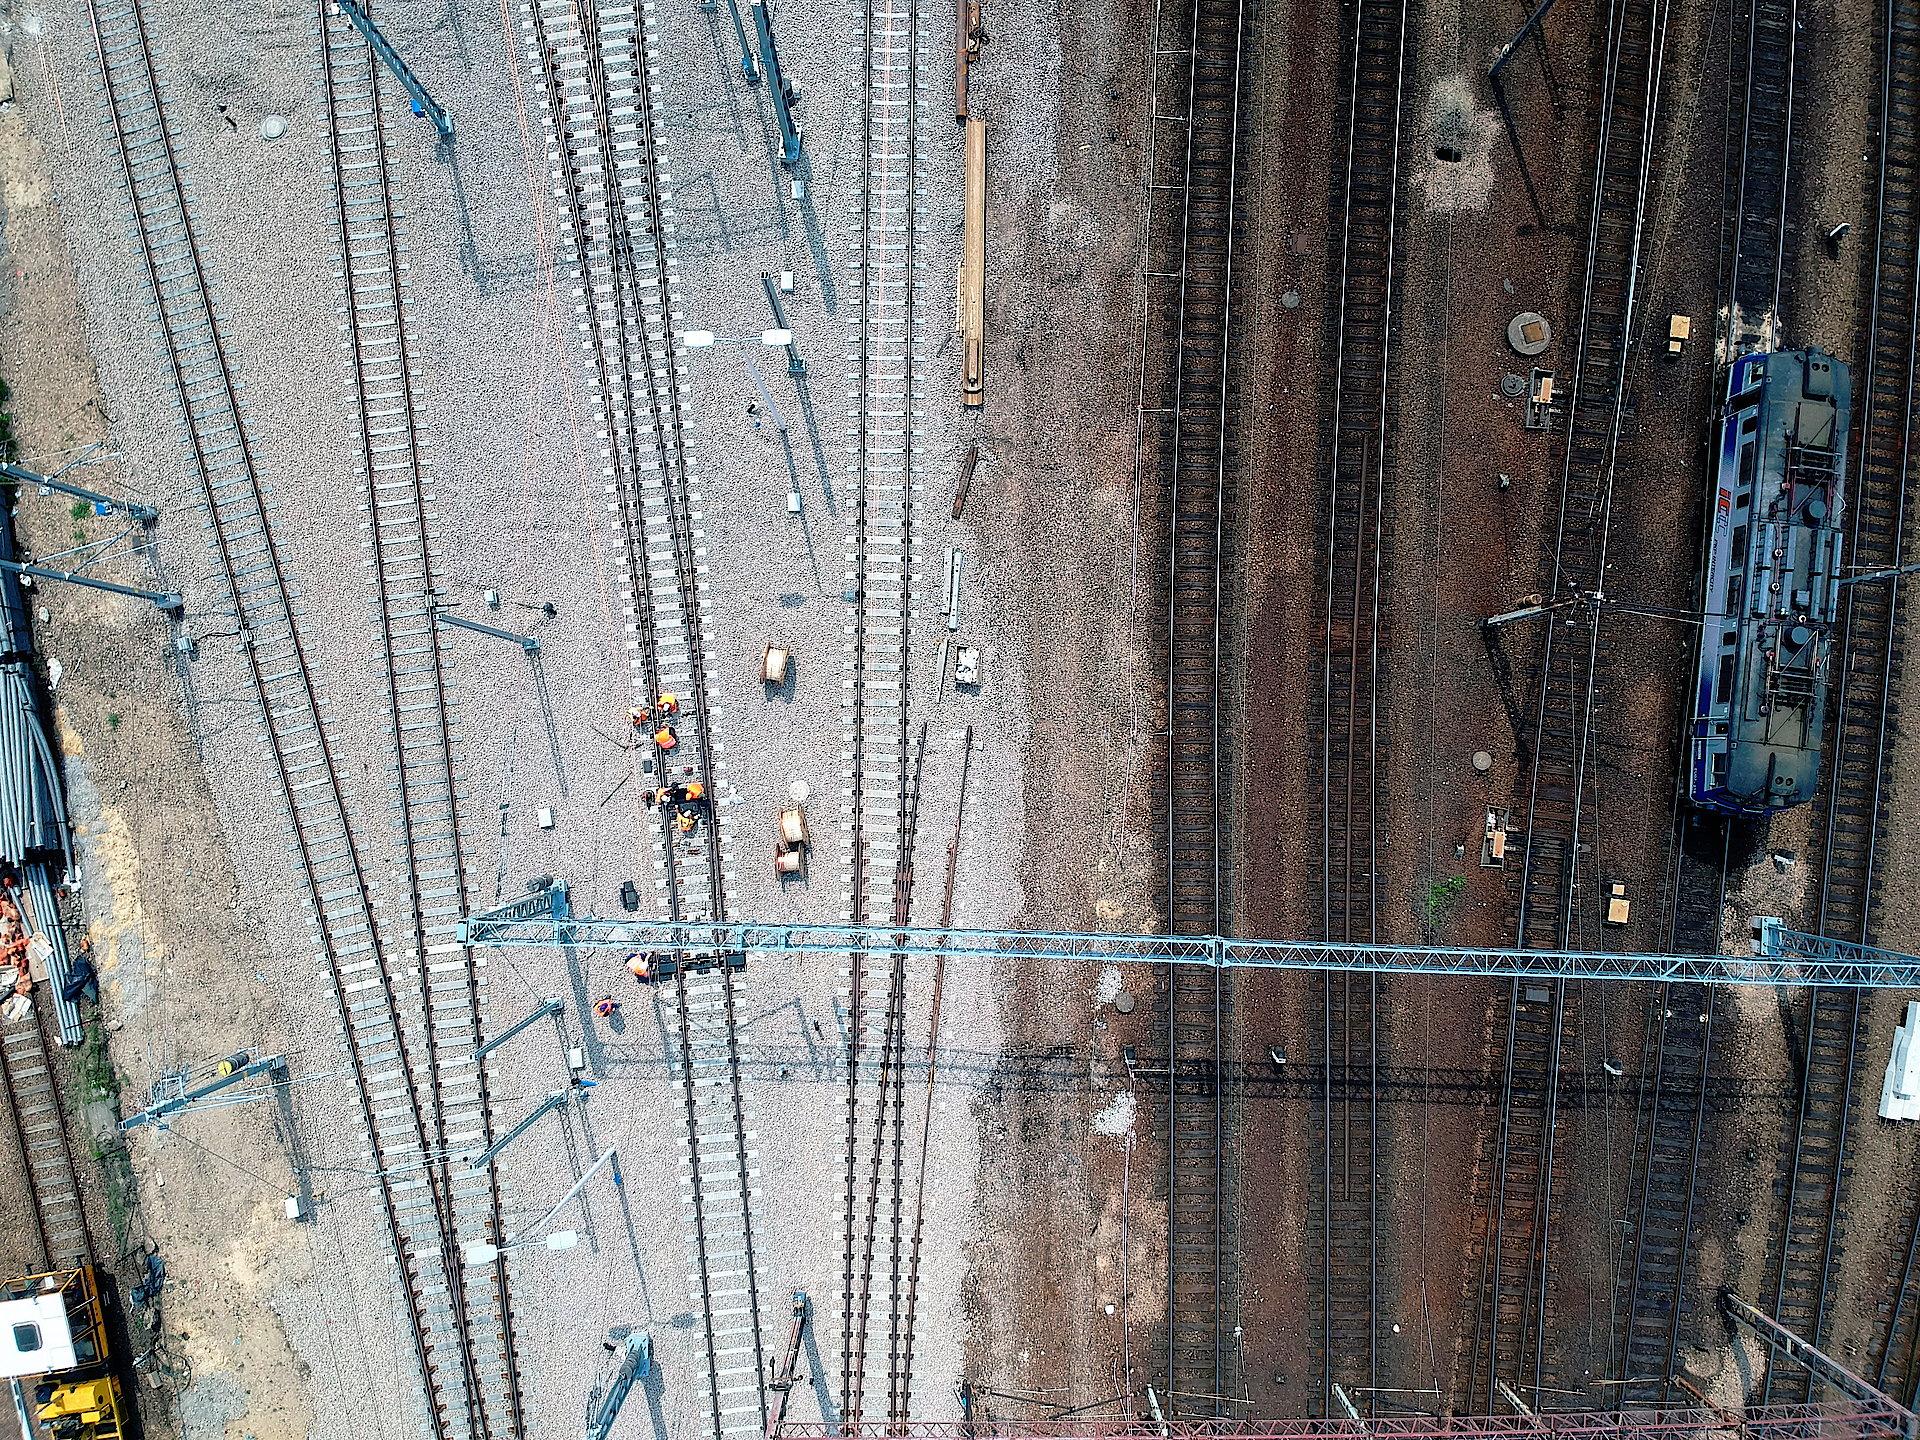 Praca na linii średnicowej w Krakowie wre. Będzie mniej przerw w kursowaniu pociągów